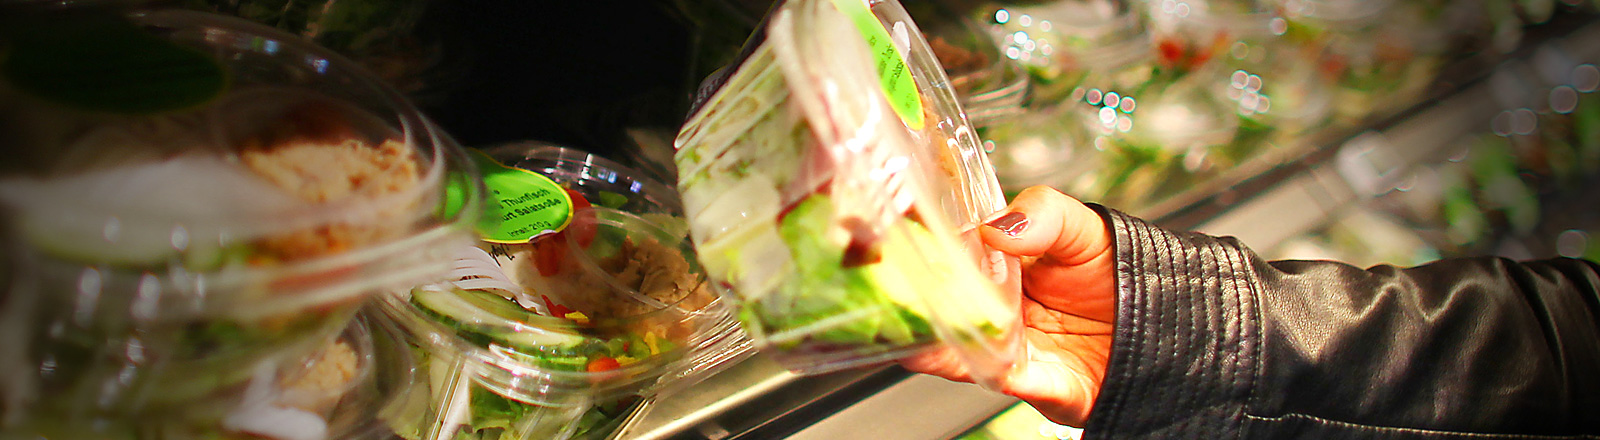 Eine Frau steht vor einem Supermarktregal und hält eine Schüssel mit Salat in der Hand; Foto: dpa